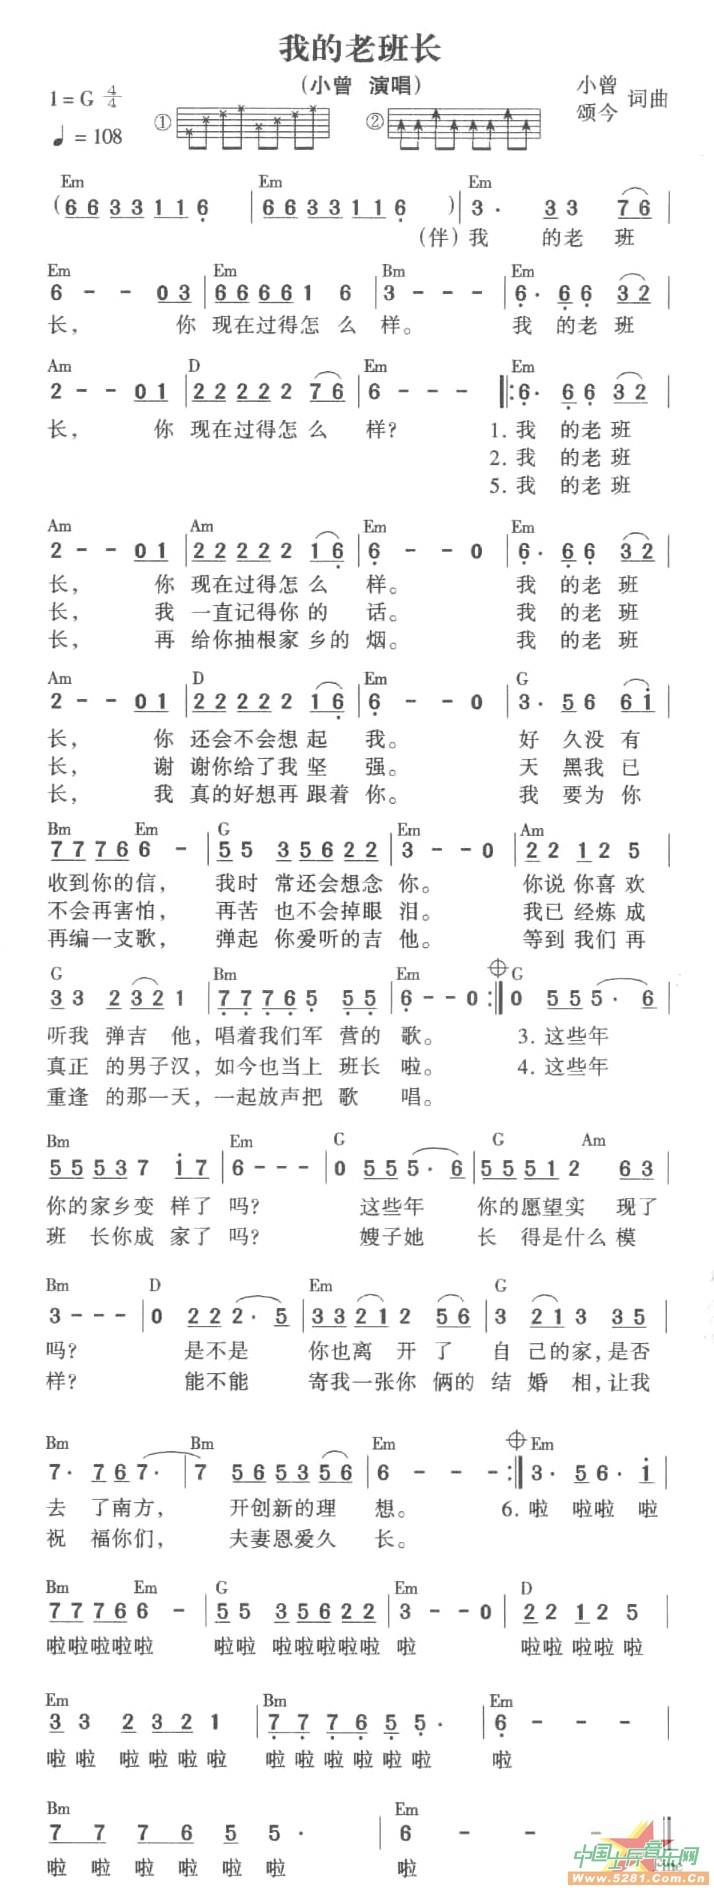 《我的老班长》曲谱-音乐信息频道-军歌网